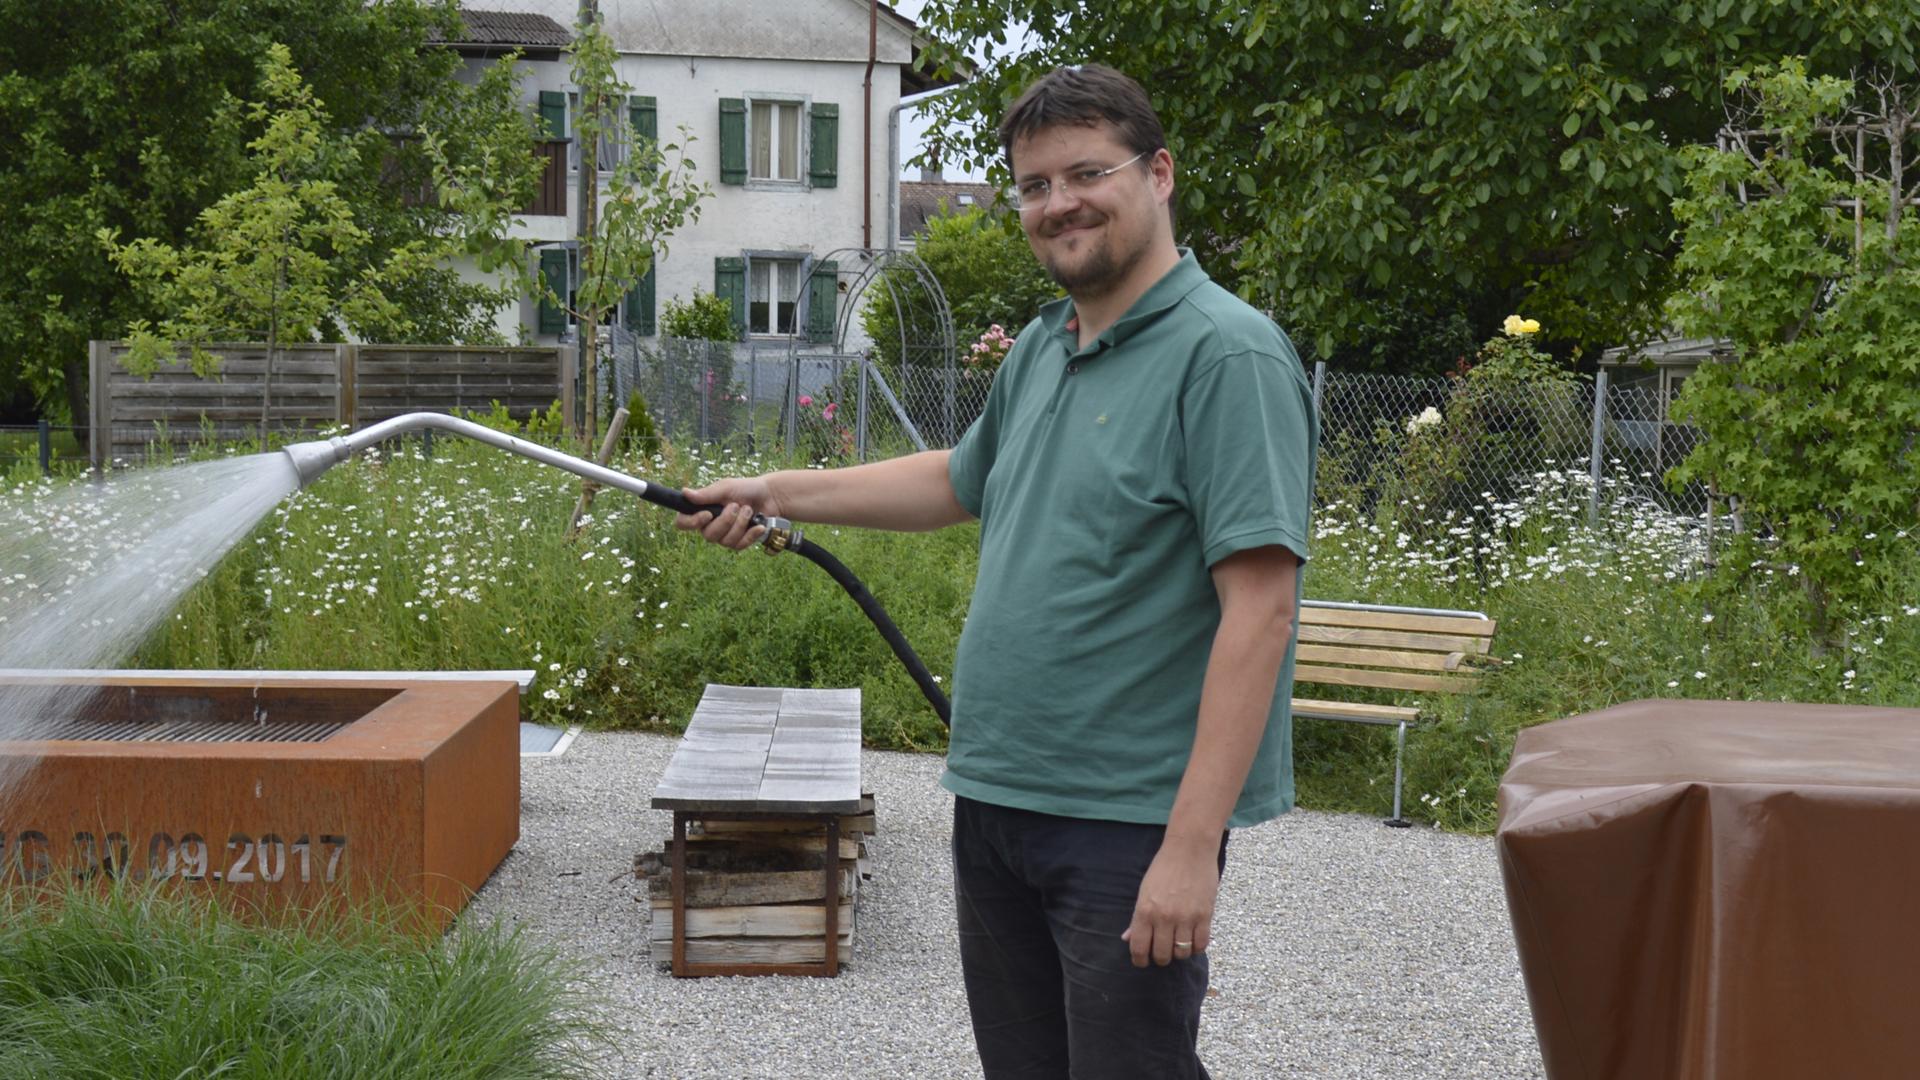 Simon bewässert den Garten